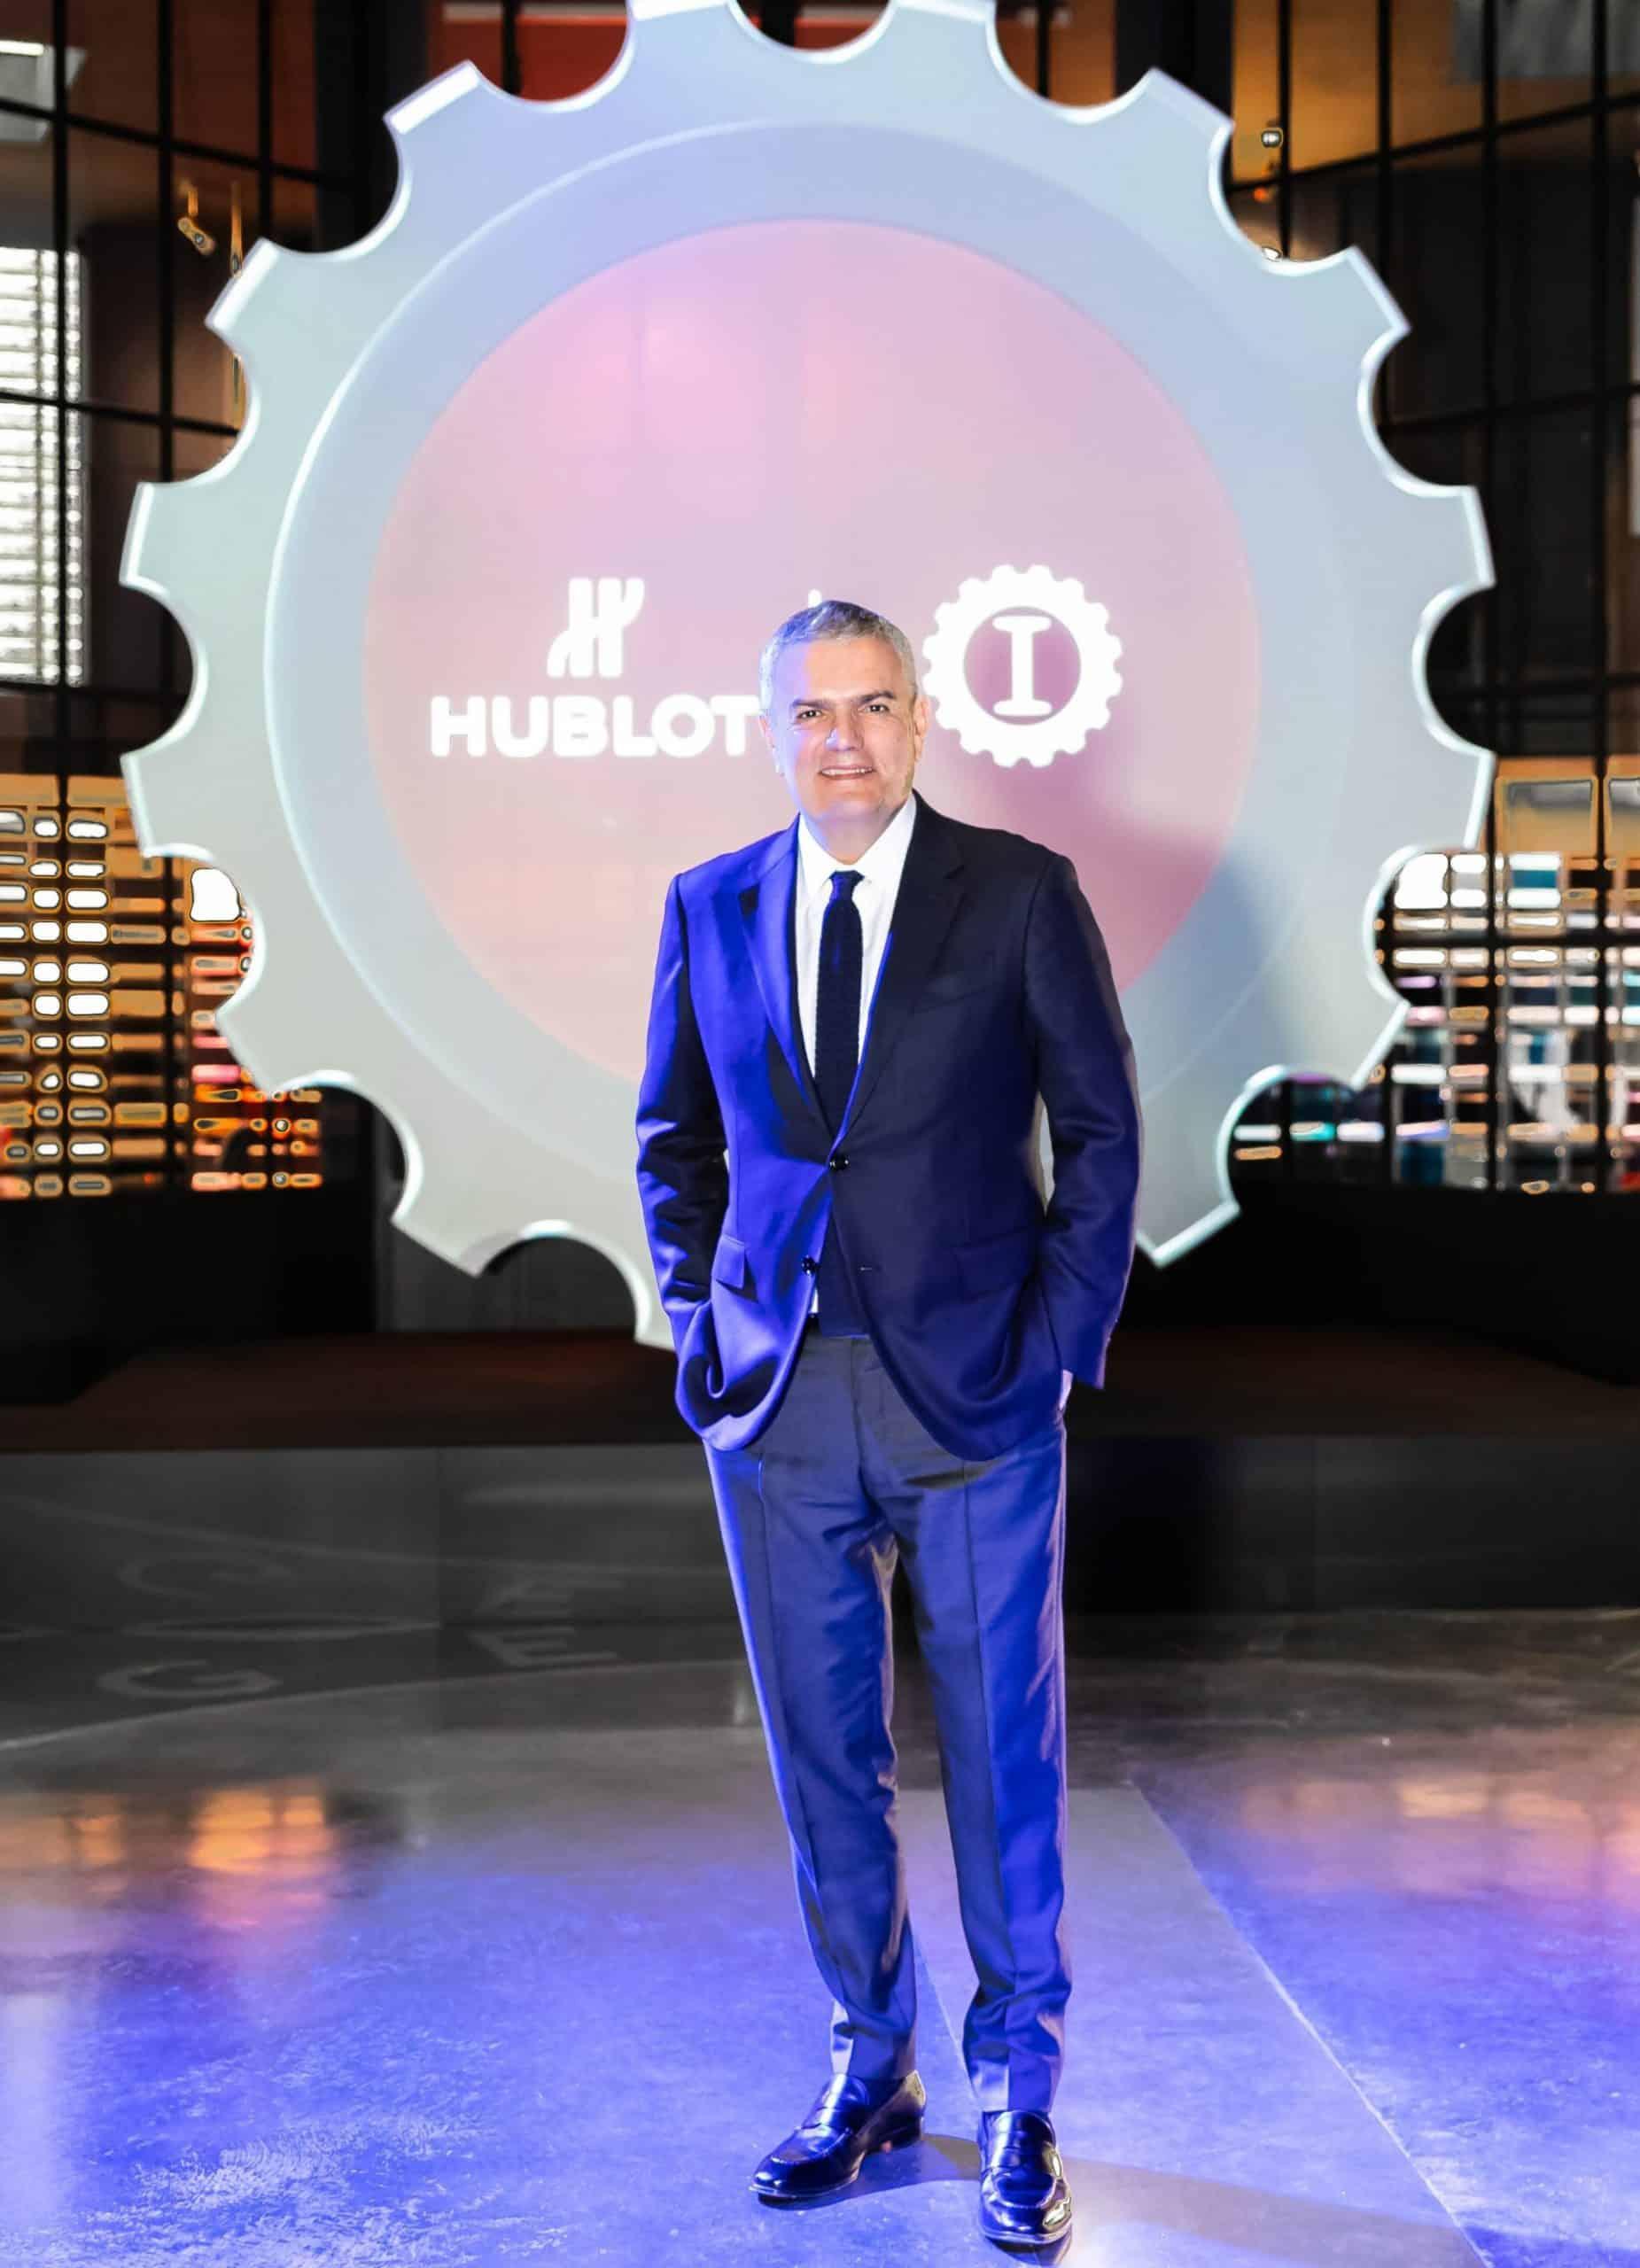 Hublot CEO Ricardo Guadalupe in Mailand bei Garage Italia und der Präsentation der neuen Classic Fusion Garage Italia